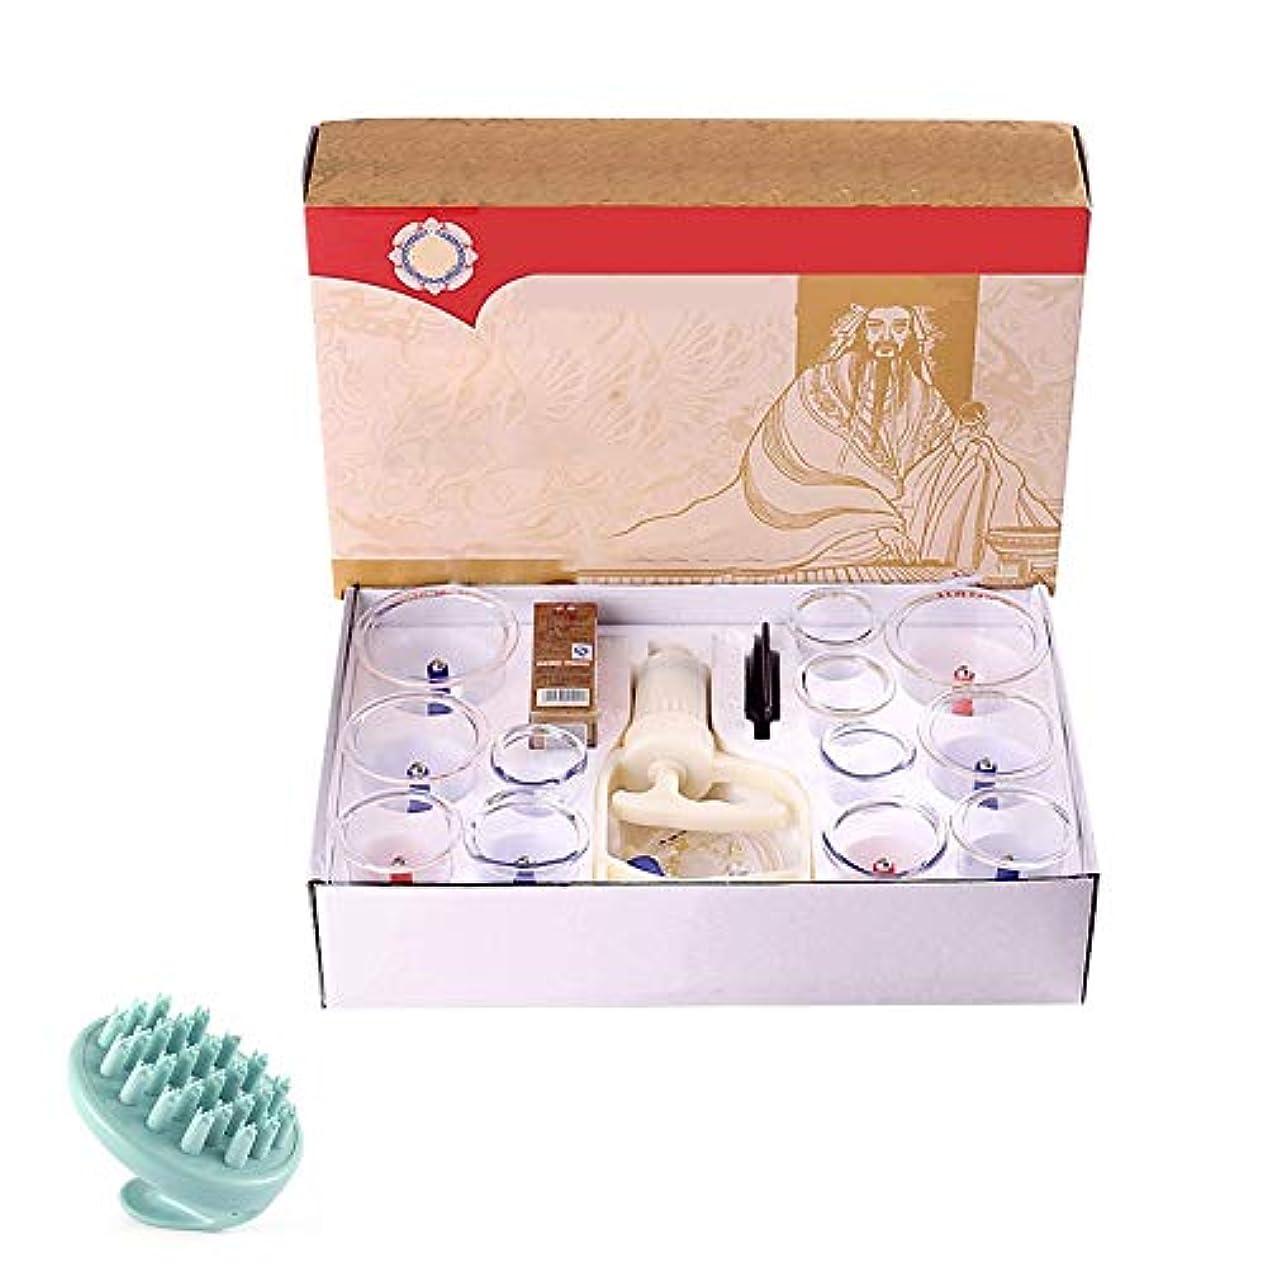 魅了するアルファベット順独立した12カップマッサージカッピングセット、真空吸引生体磁気中国ツボ療法、女性と男性のための家、ストレス筋肉緩和、親家族のための最高の贈り物